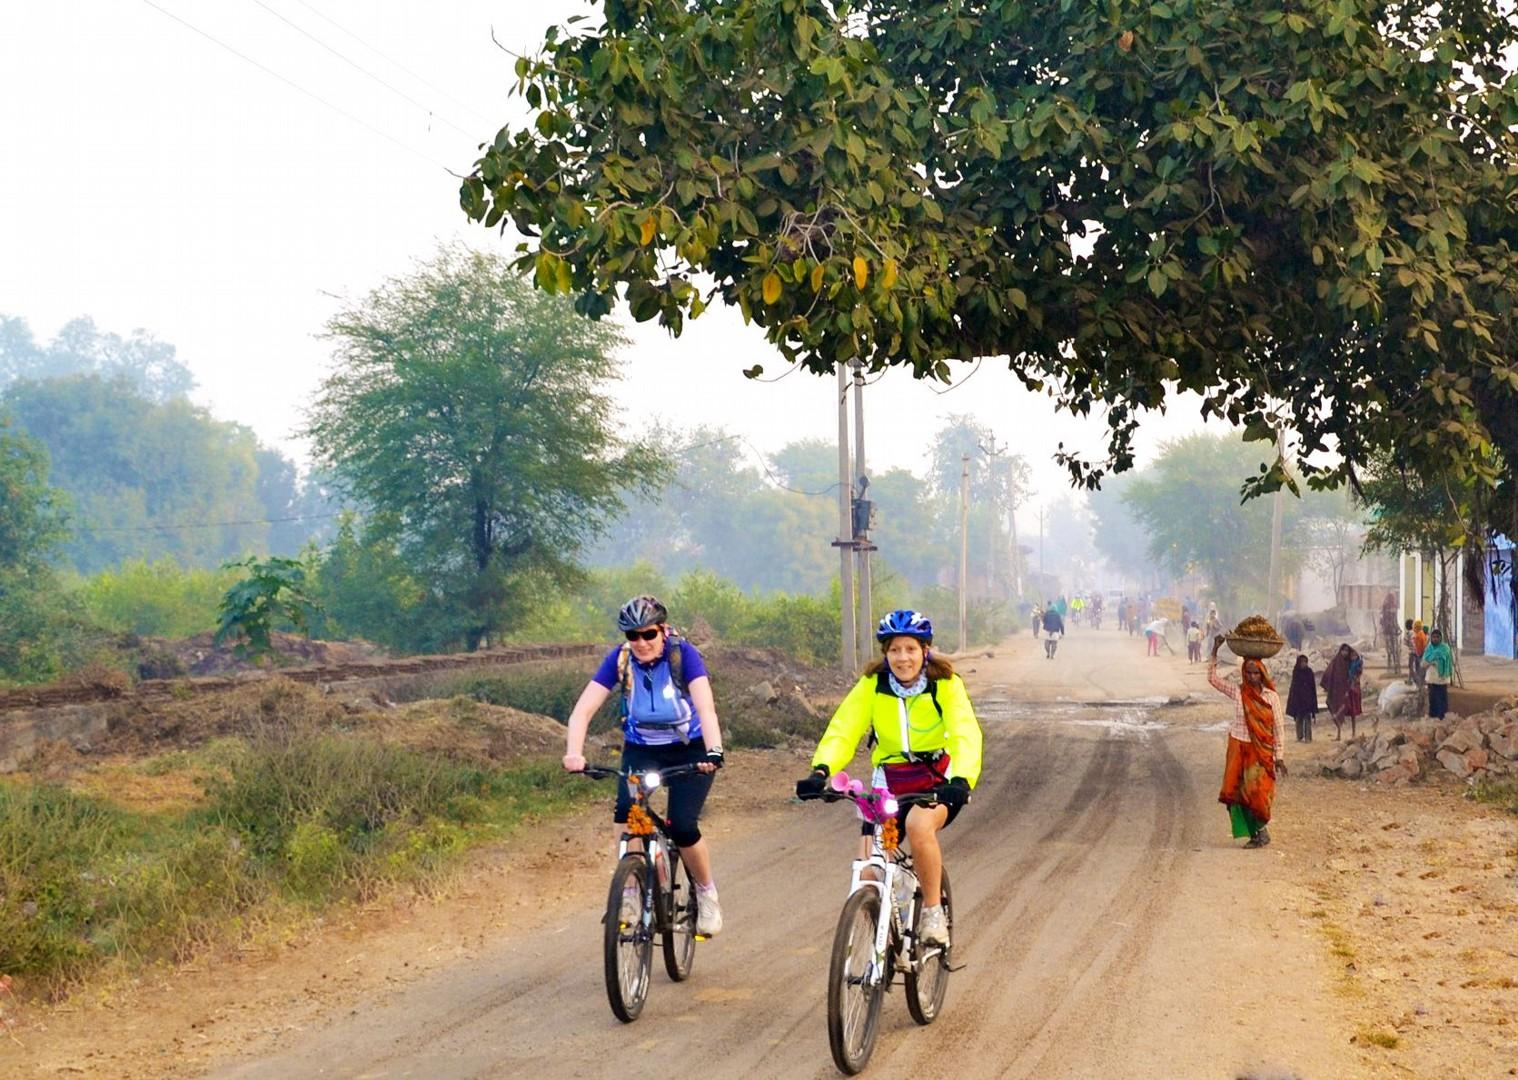 Rajasthan 2012 Vishal-1-4 copy.jpg - India - Palaces and Lakes of Rajasthan - Cycling Adventures